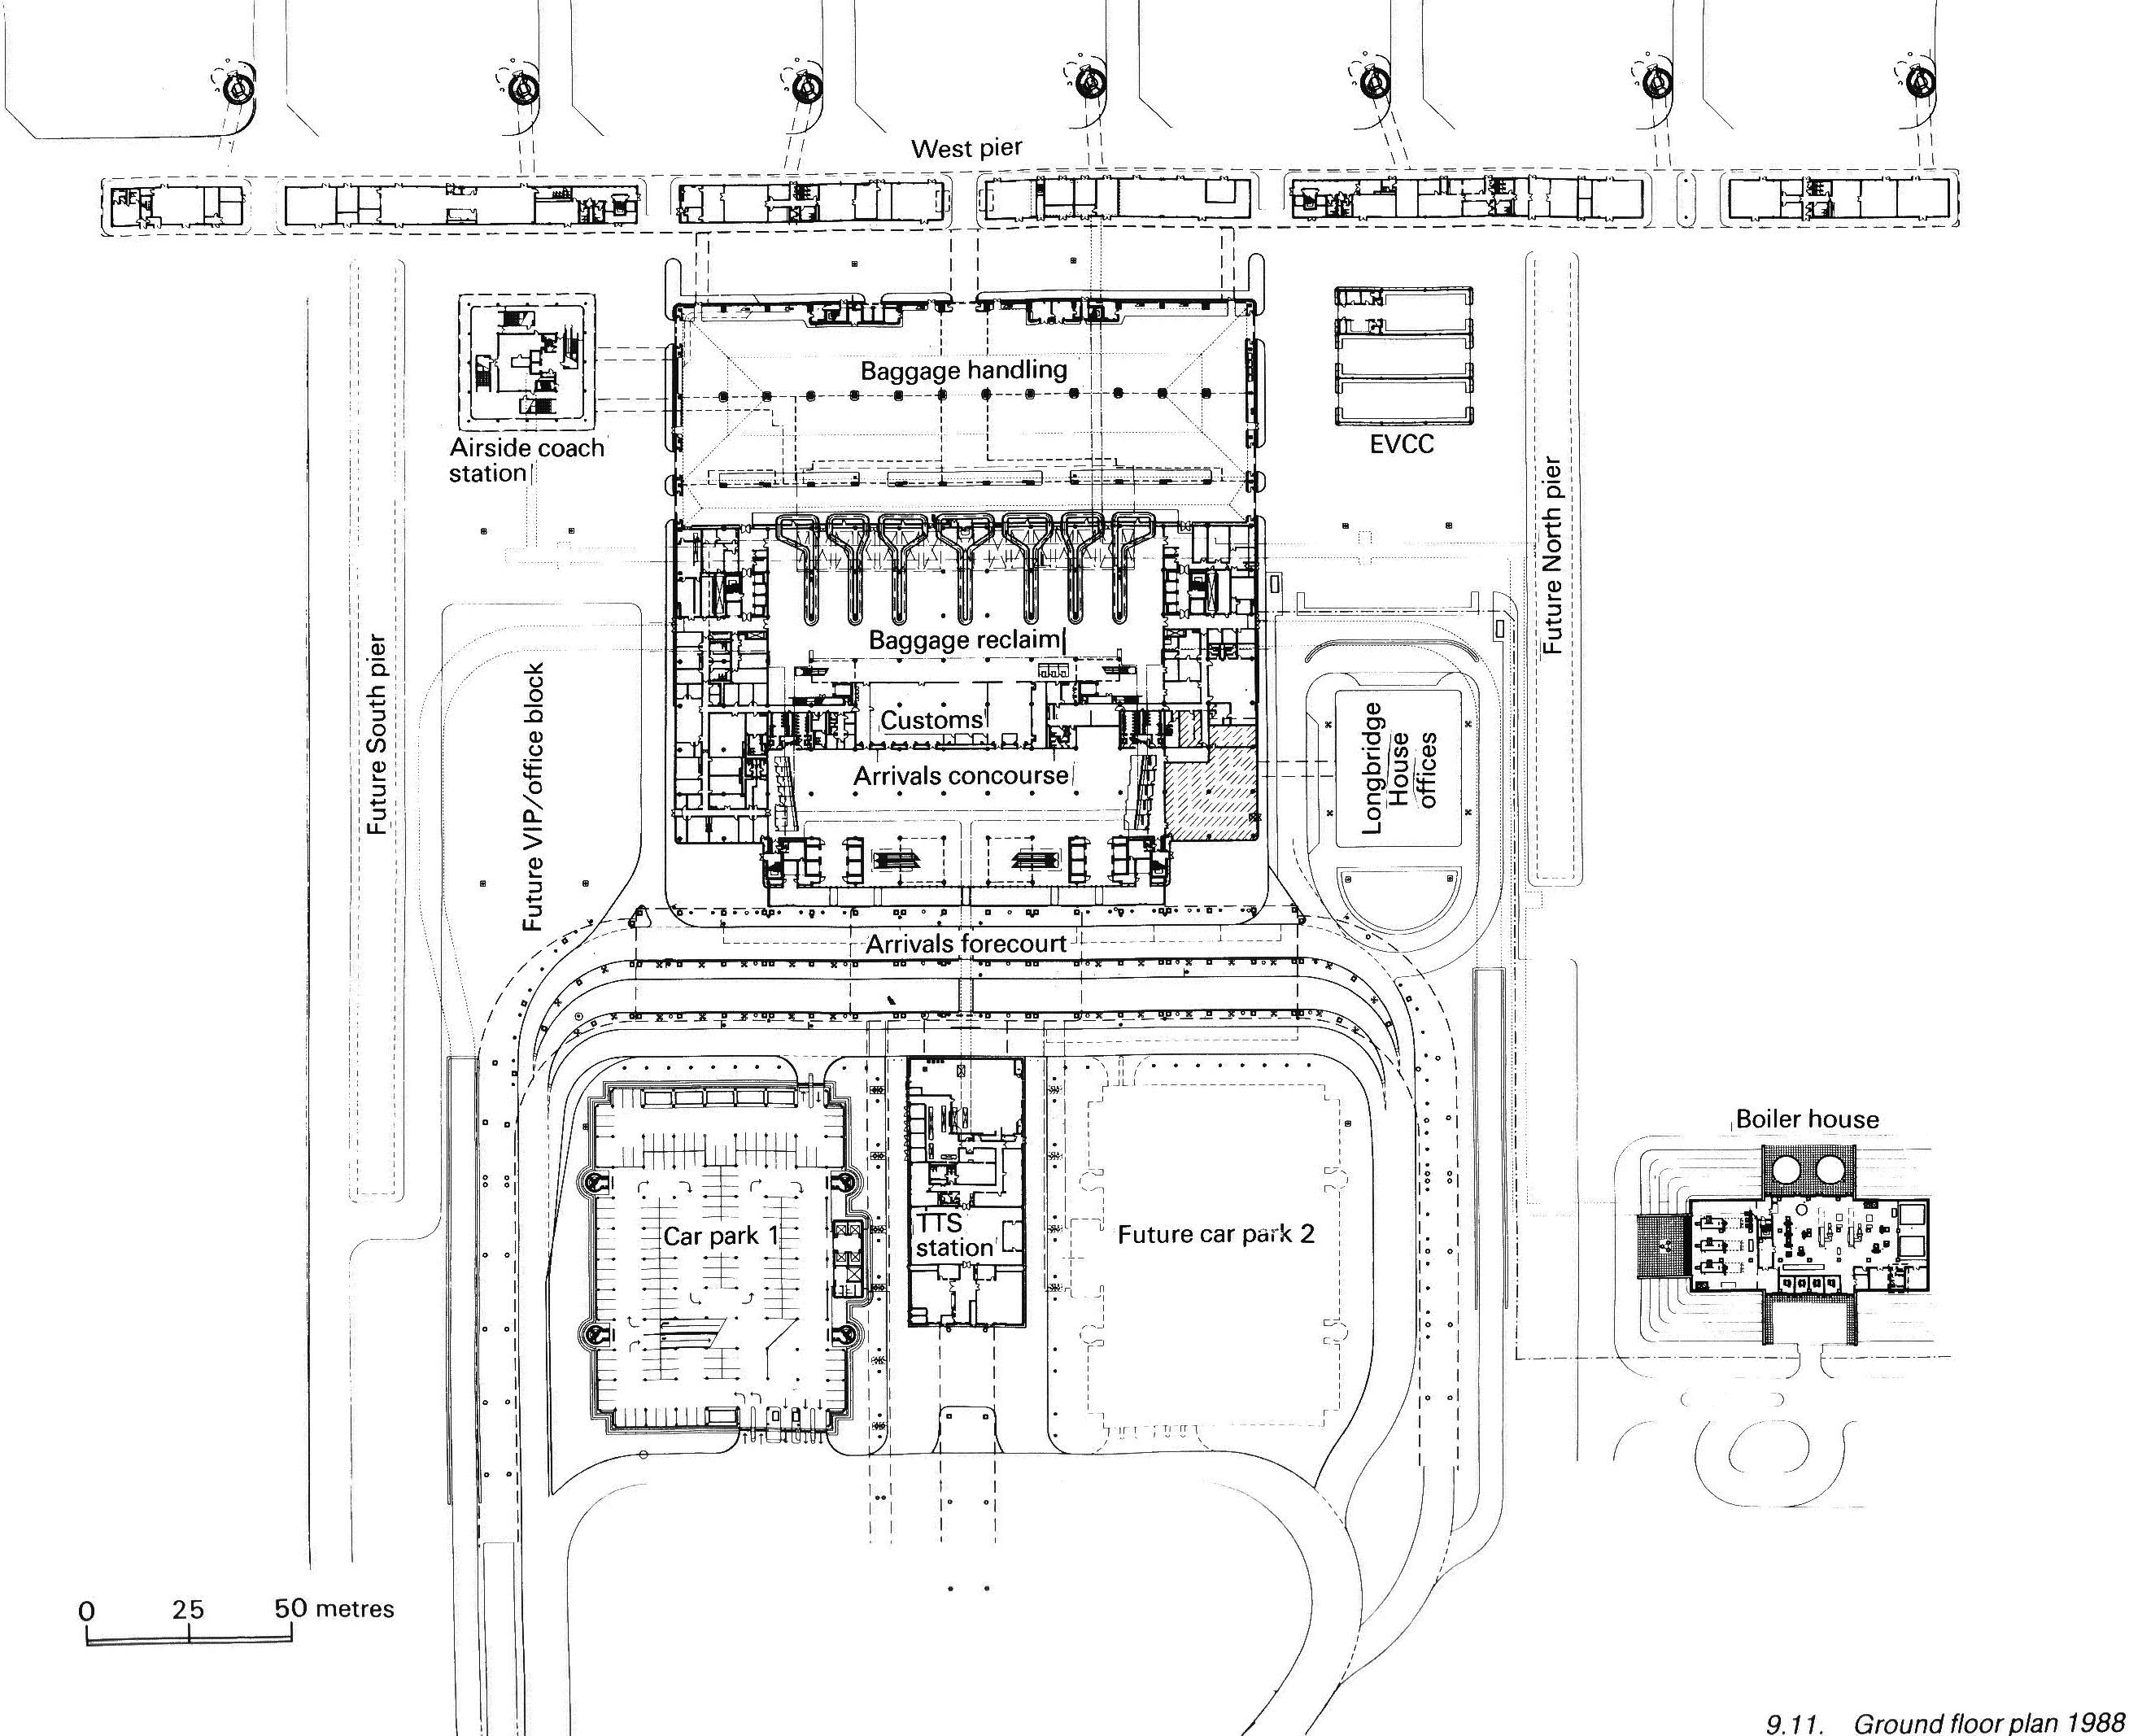 Existing International Airport Layouts T O N Y H W I J A Y A